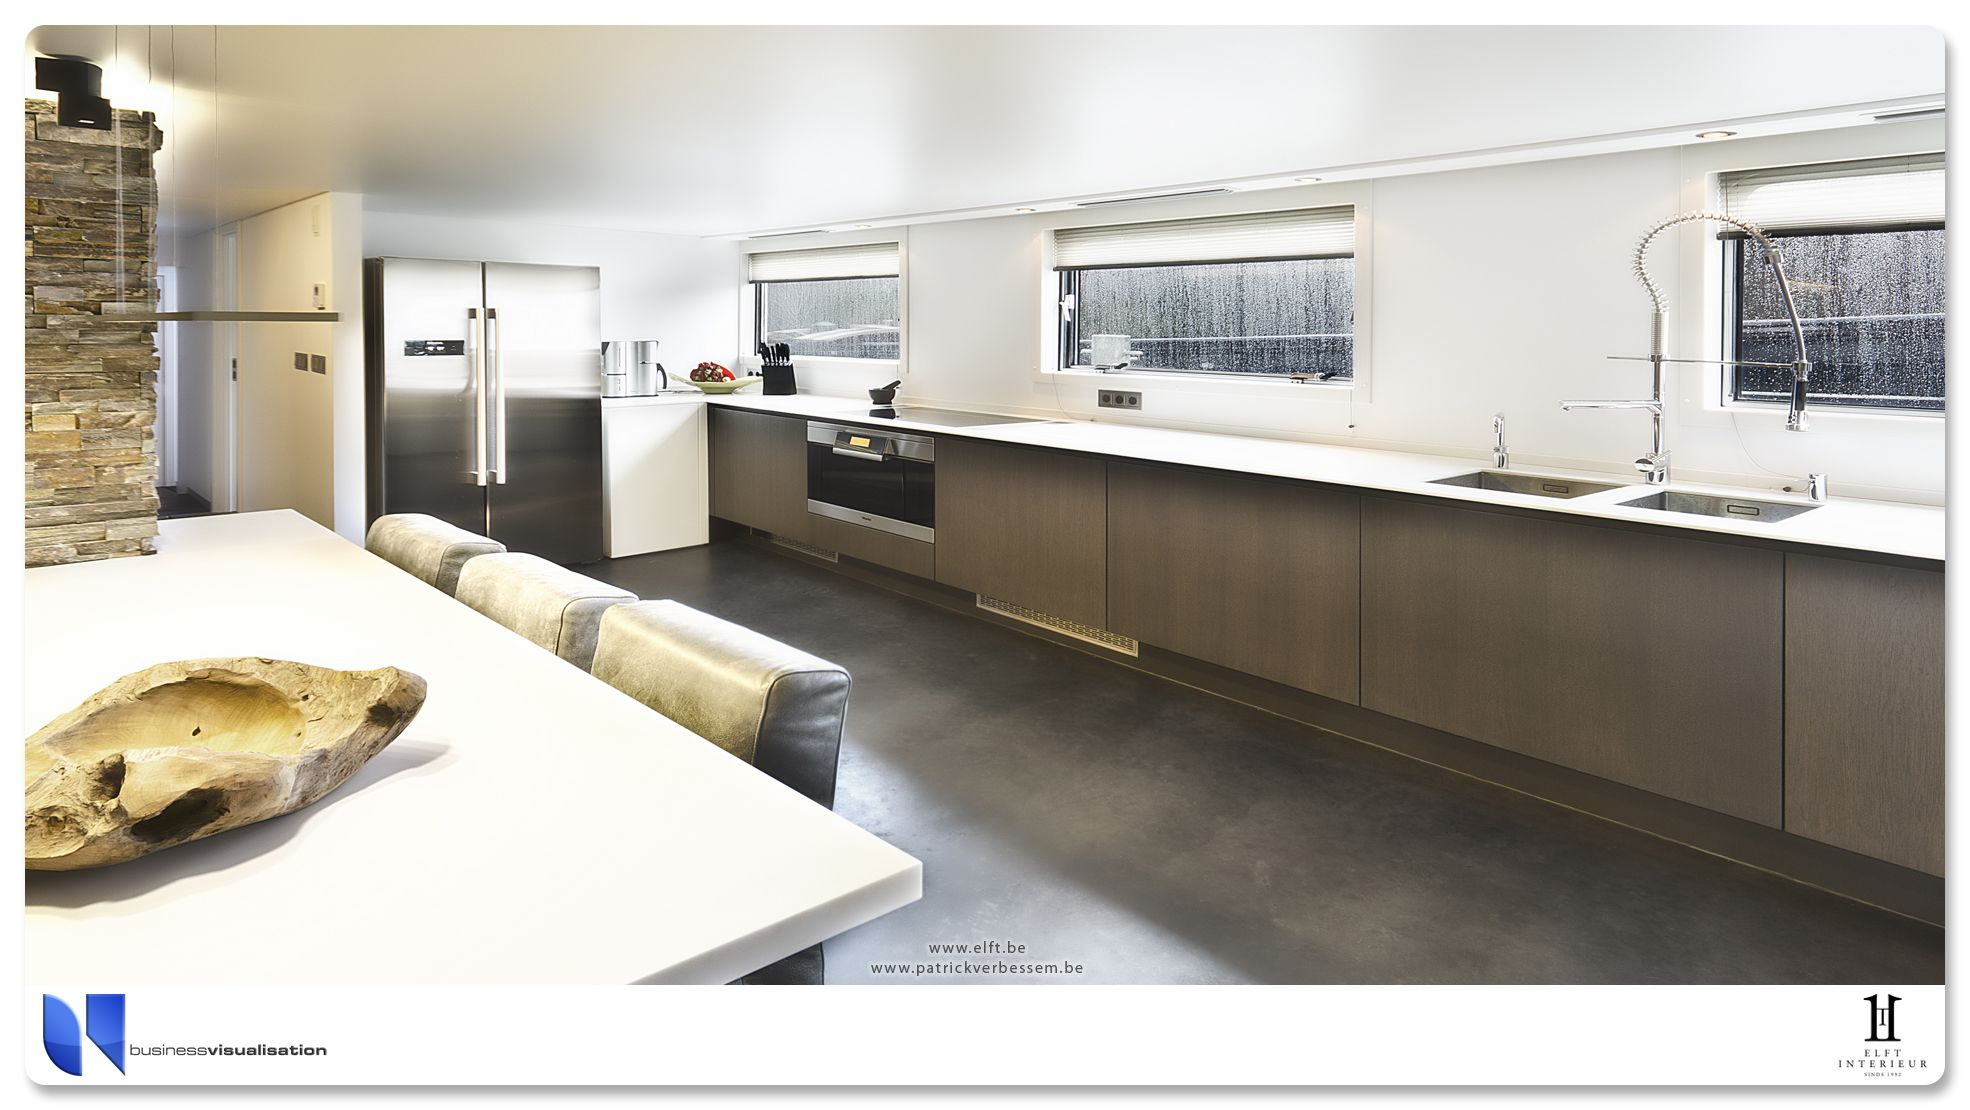 gevlinderd beton met kleurpigment antraciet in keuken aangebracht op ...